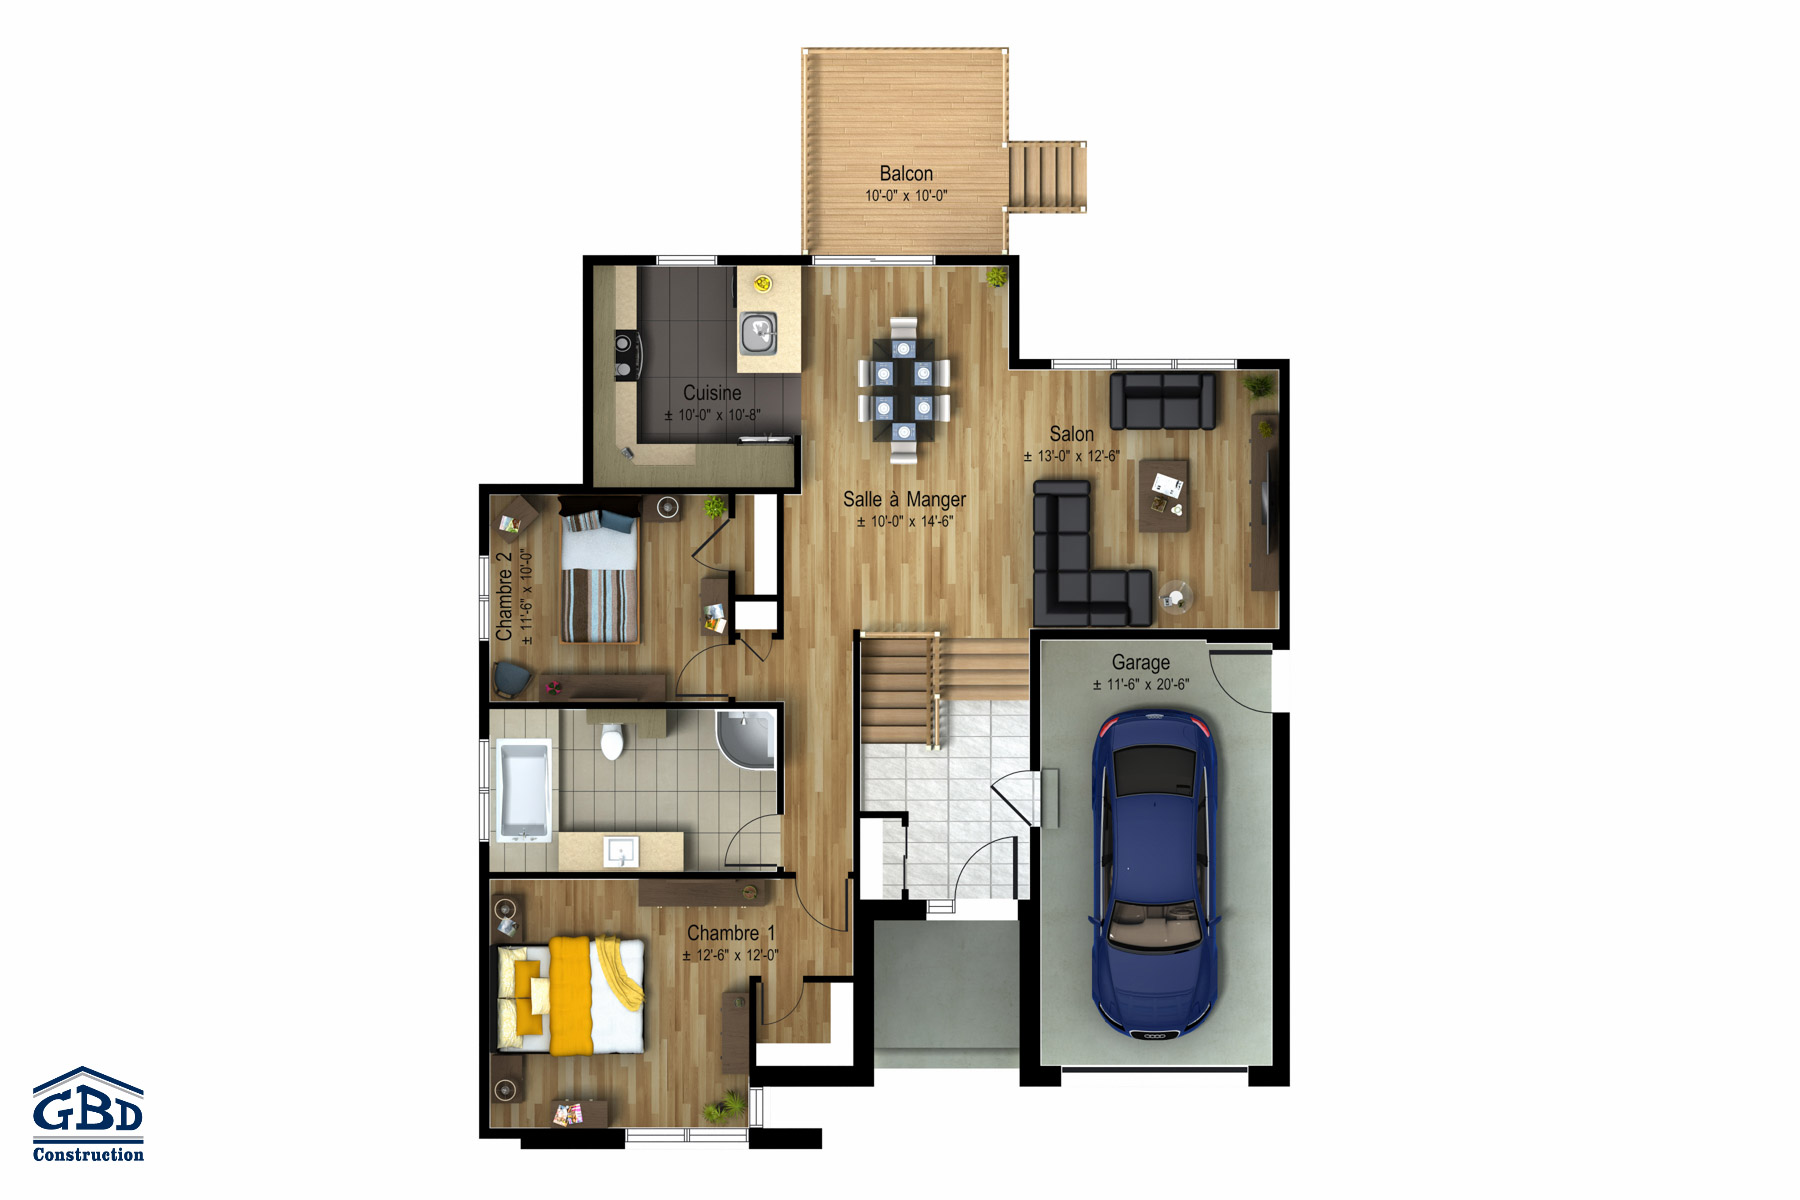 desinfecter un matelas excellent comment nettoyer matelas with desinfecter un matelas. Black Bedroom Furniture Sets. Home Design Ideas